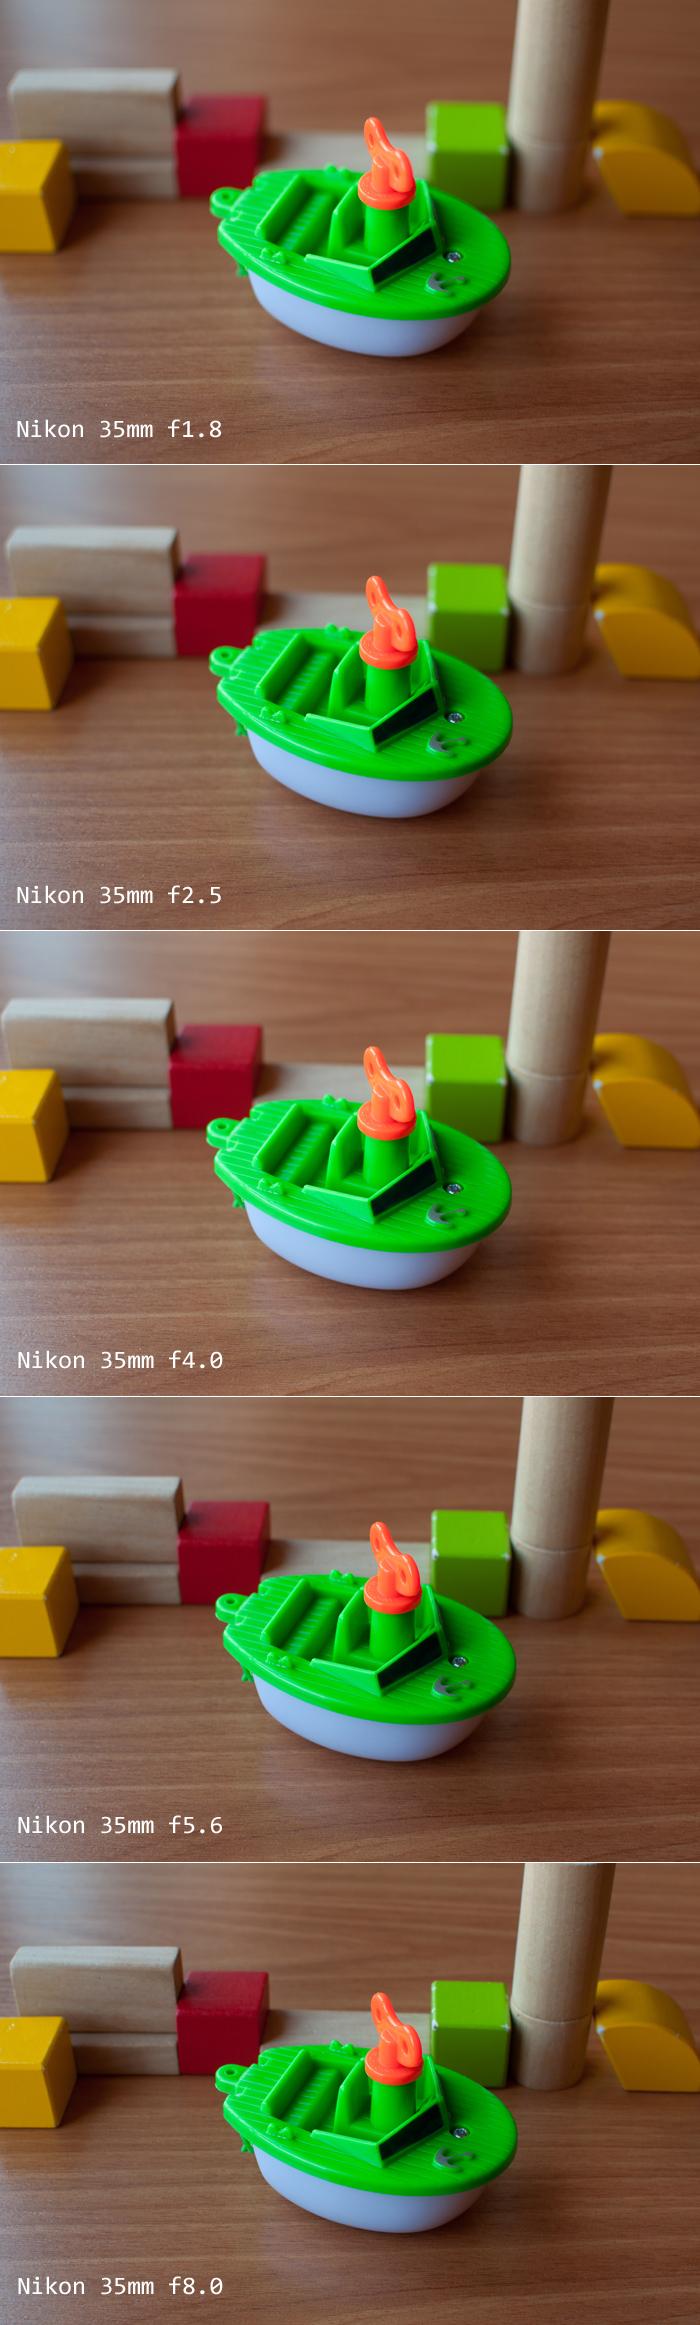 Примеры фотографий Nikon 35mm f1.8 на разных диафрагмах